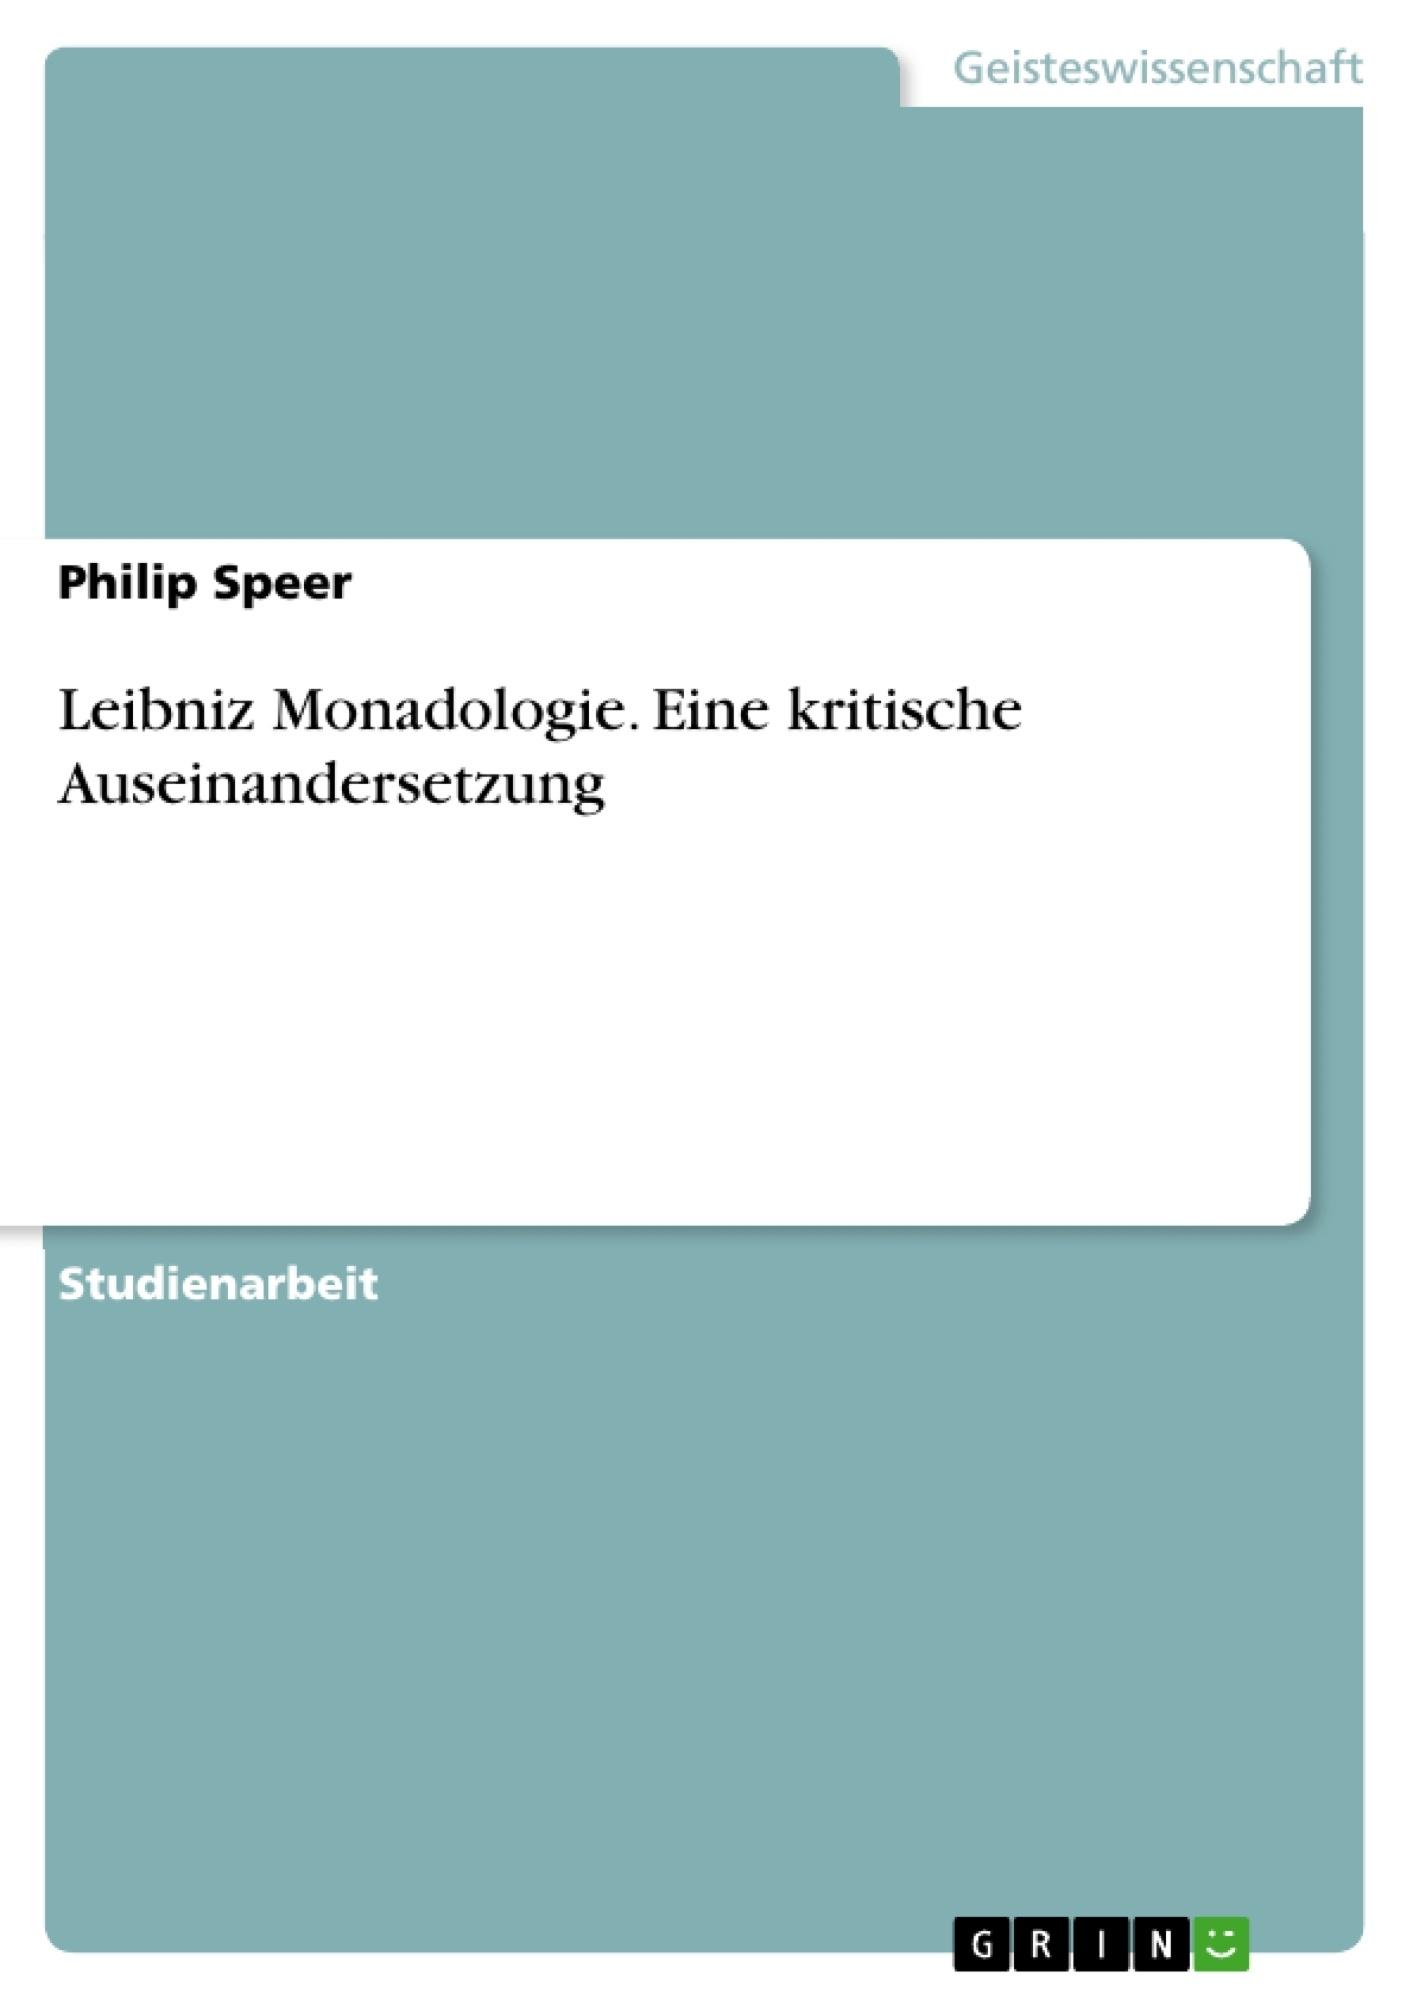 Titel: Leibniz Monadologie. Eine kritische Auseinandersetzung